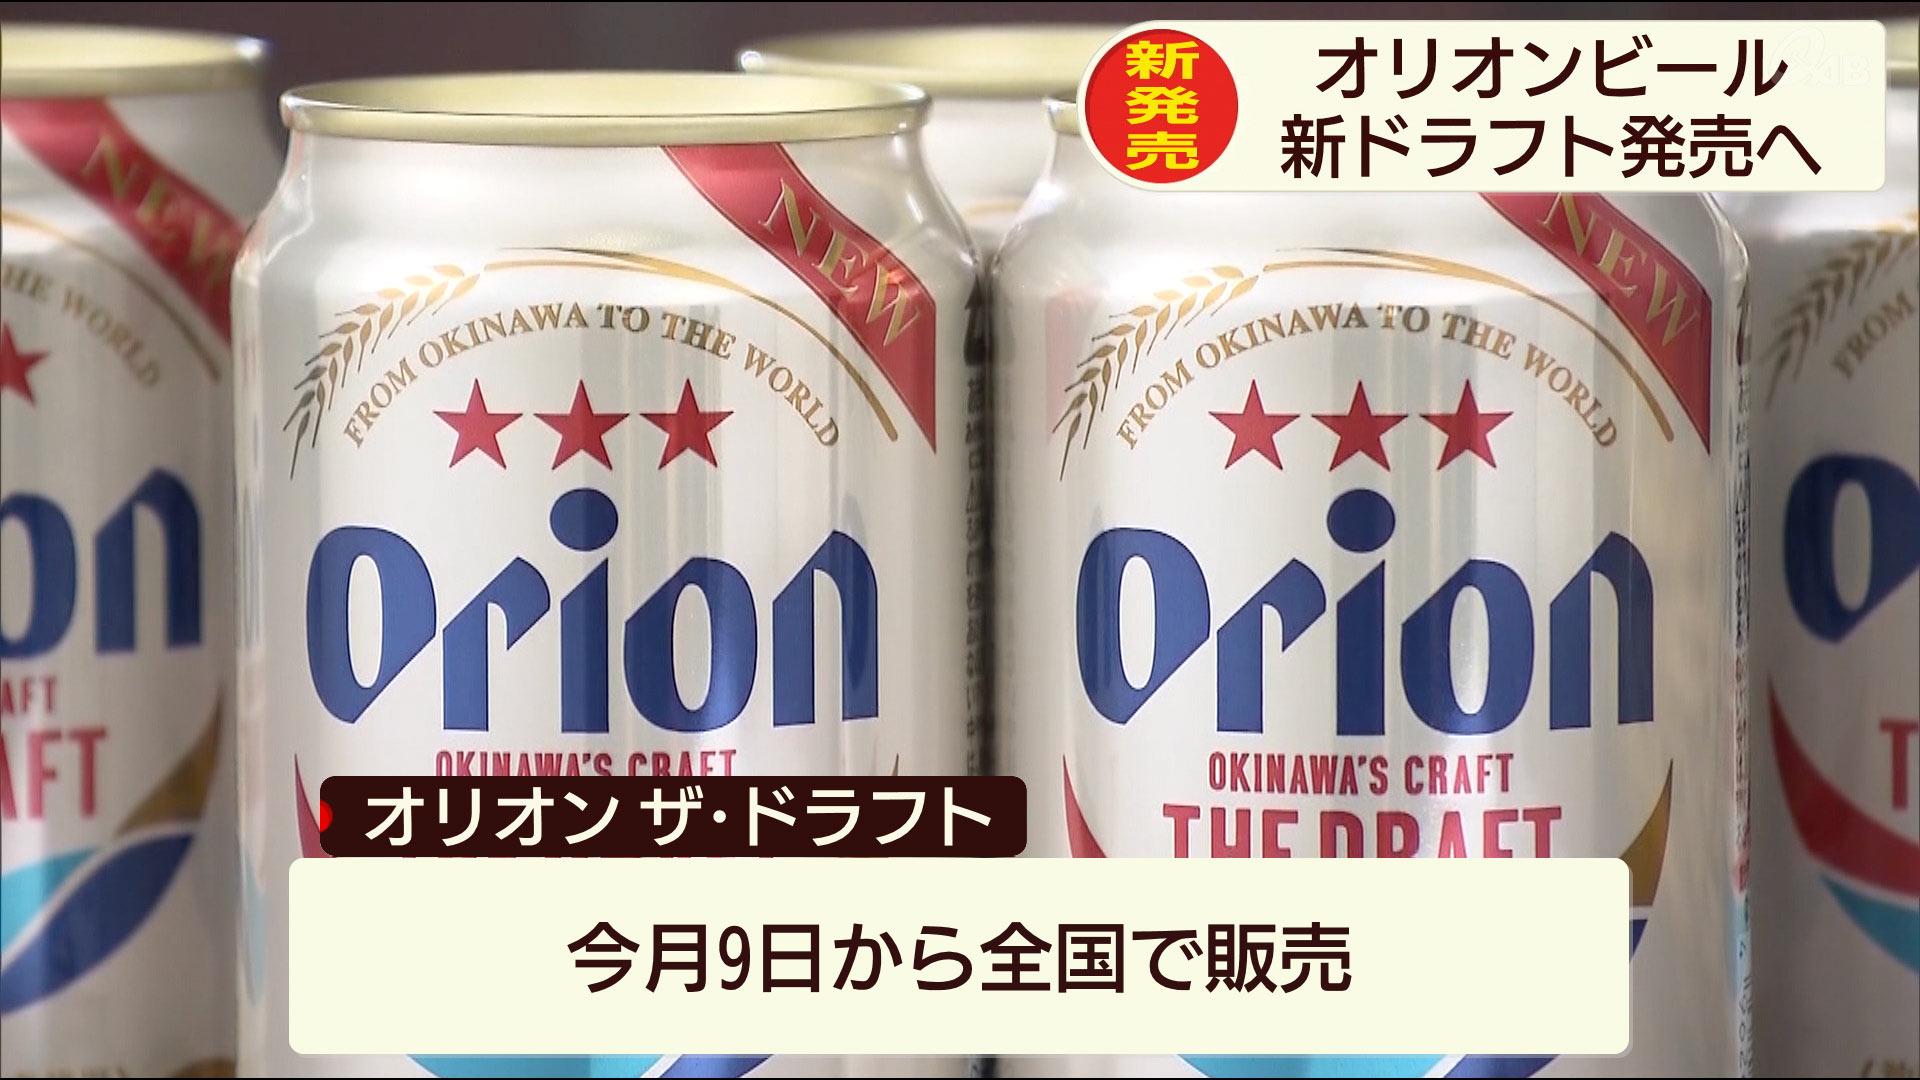 オリオンビールから「オリオン ザ・ドラフト」新発売